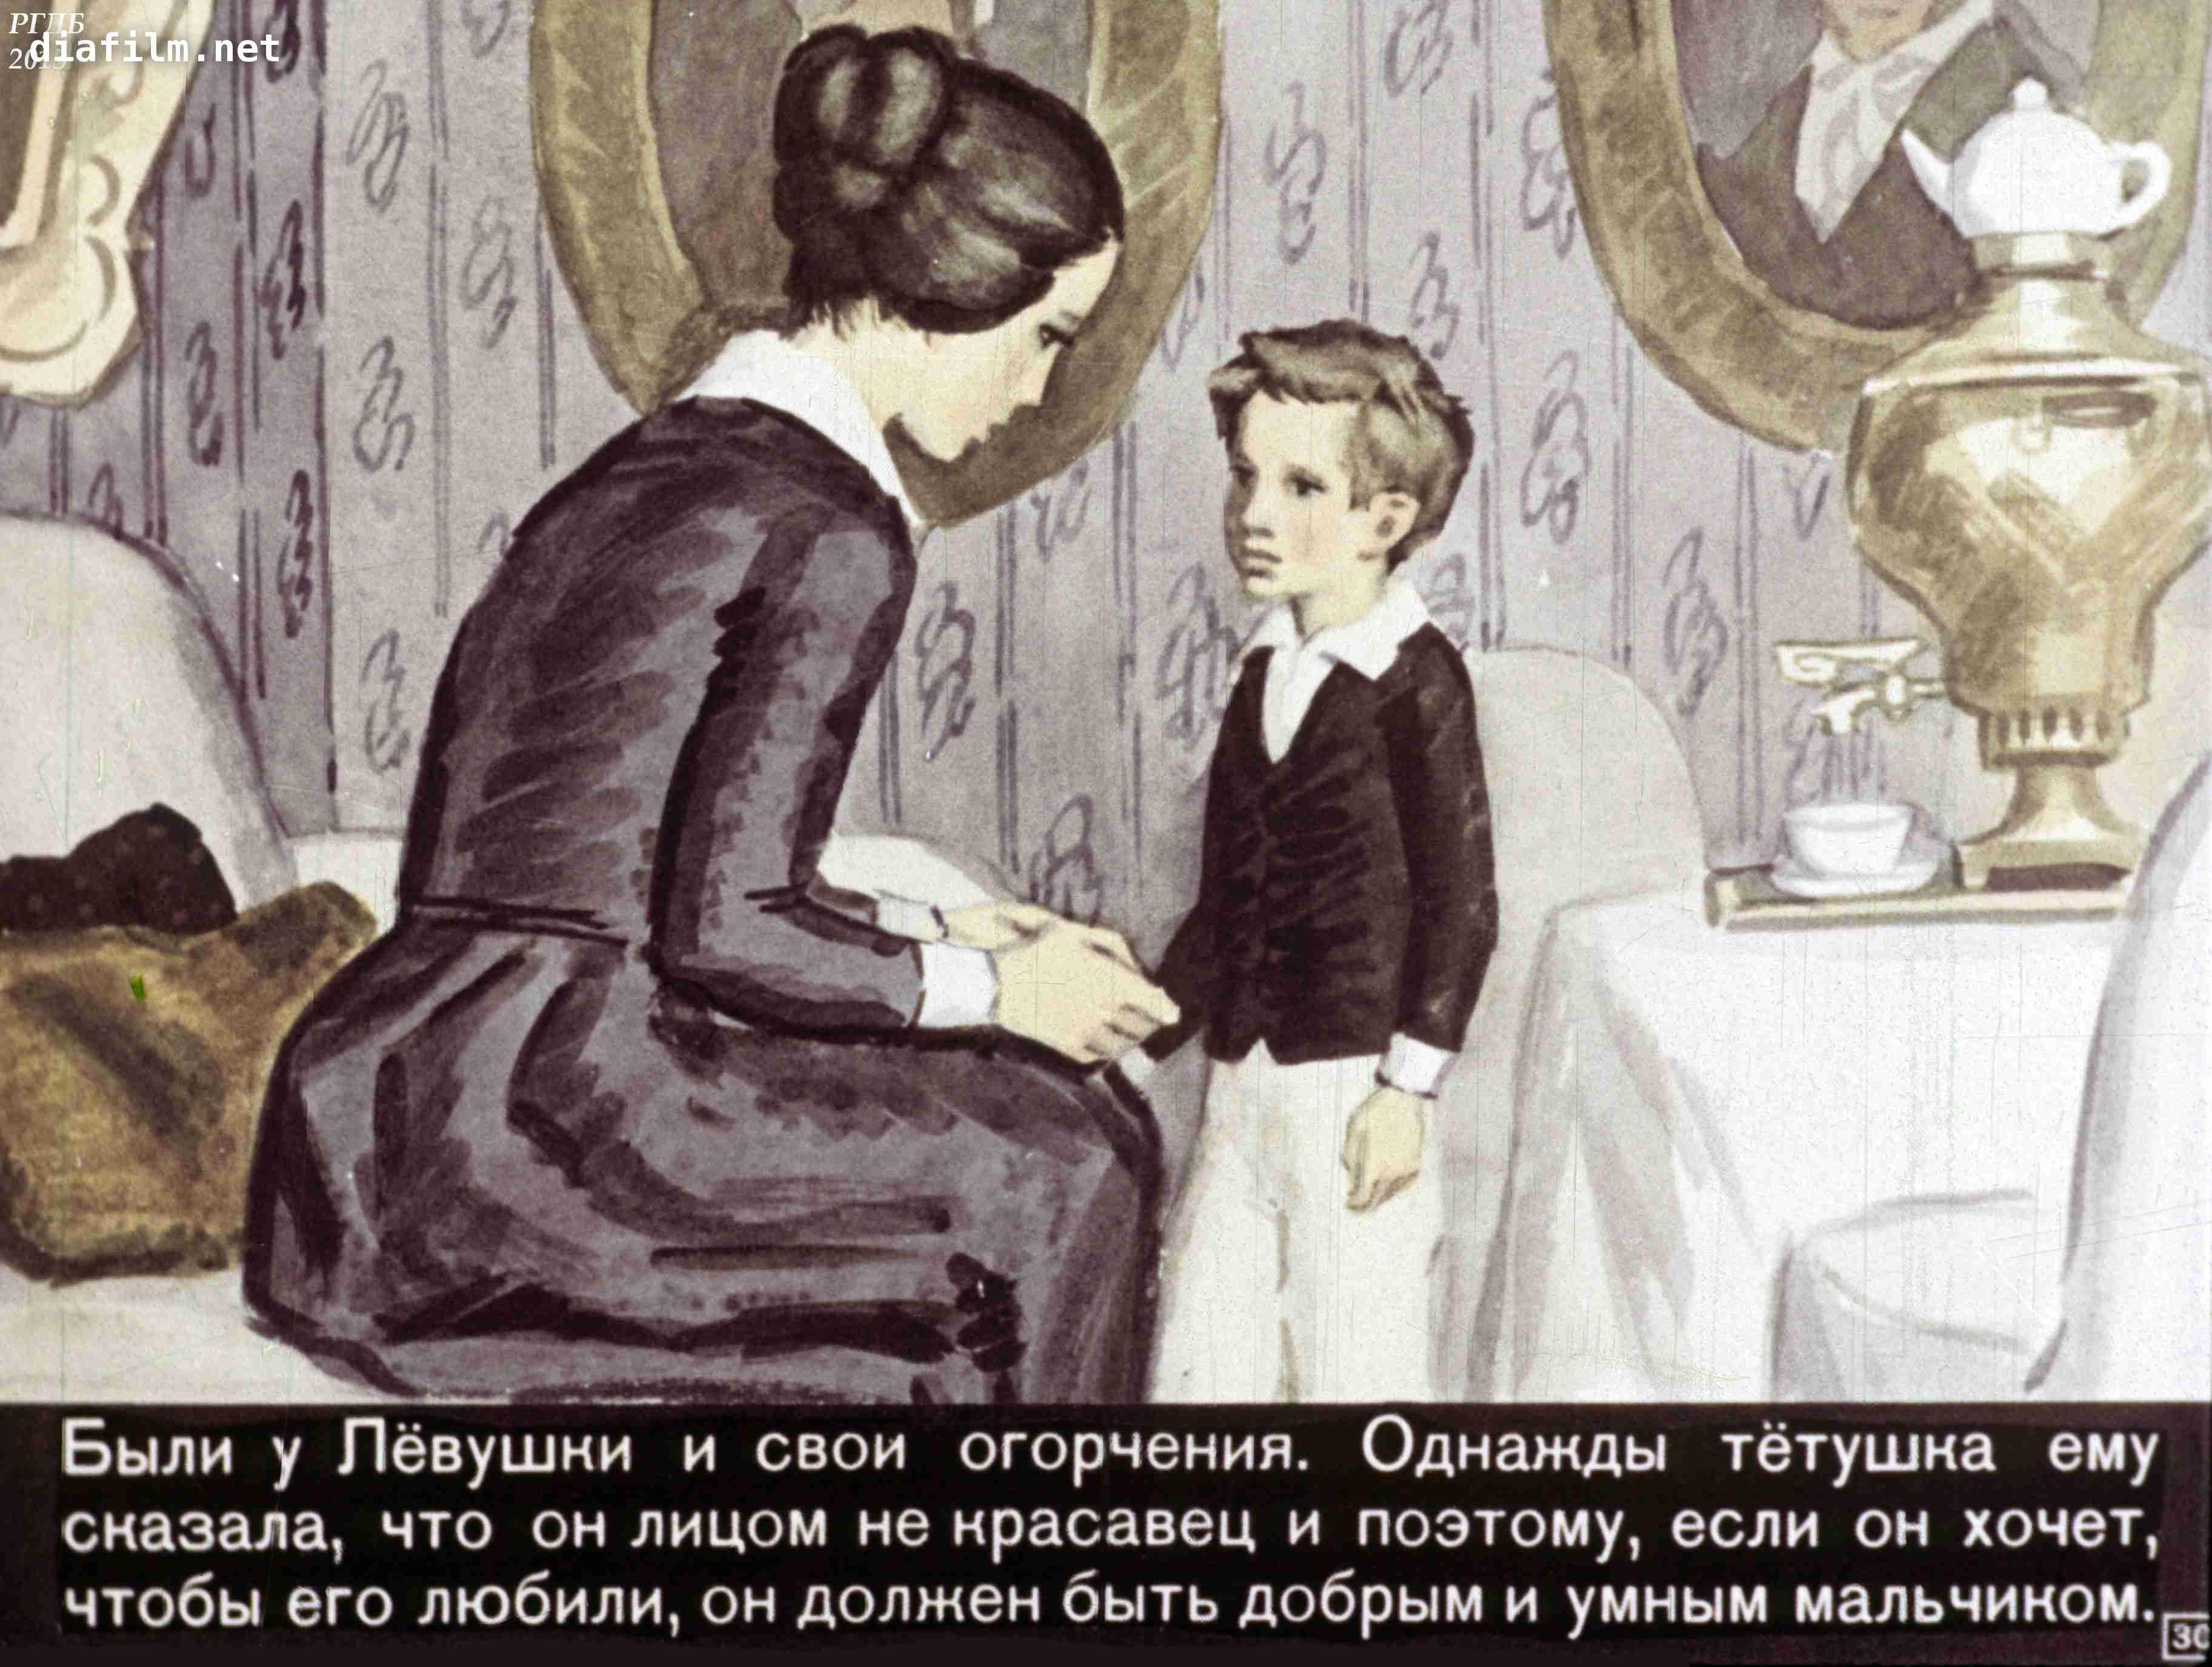 Детство толстого картинки из книги